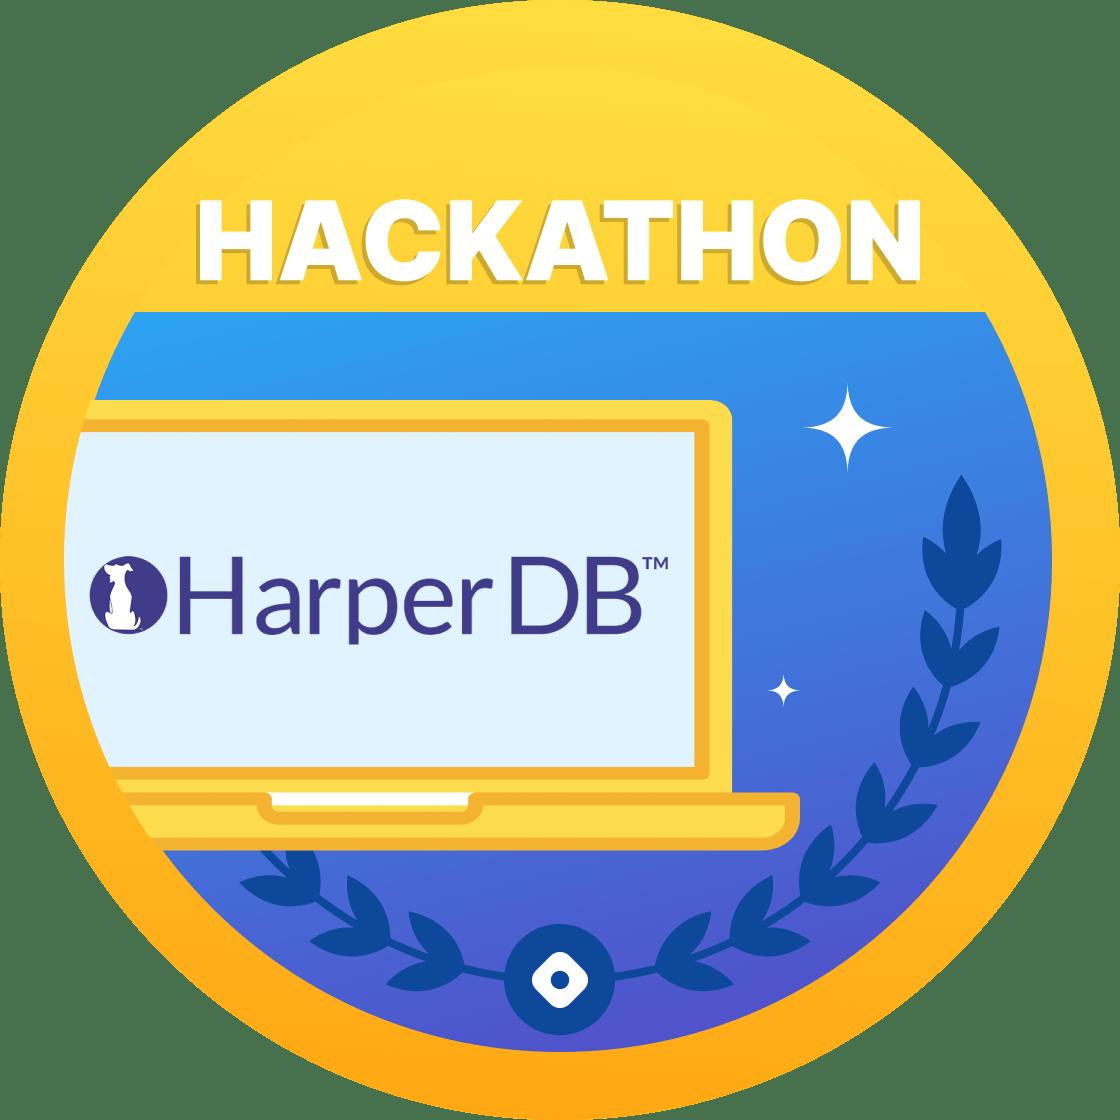 HarperDB Hackathon